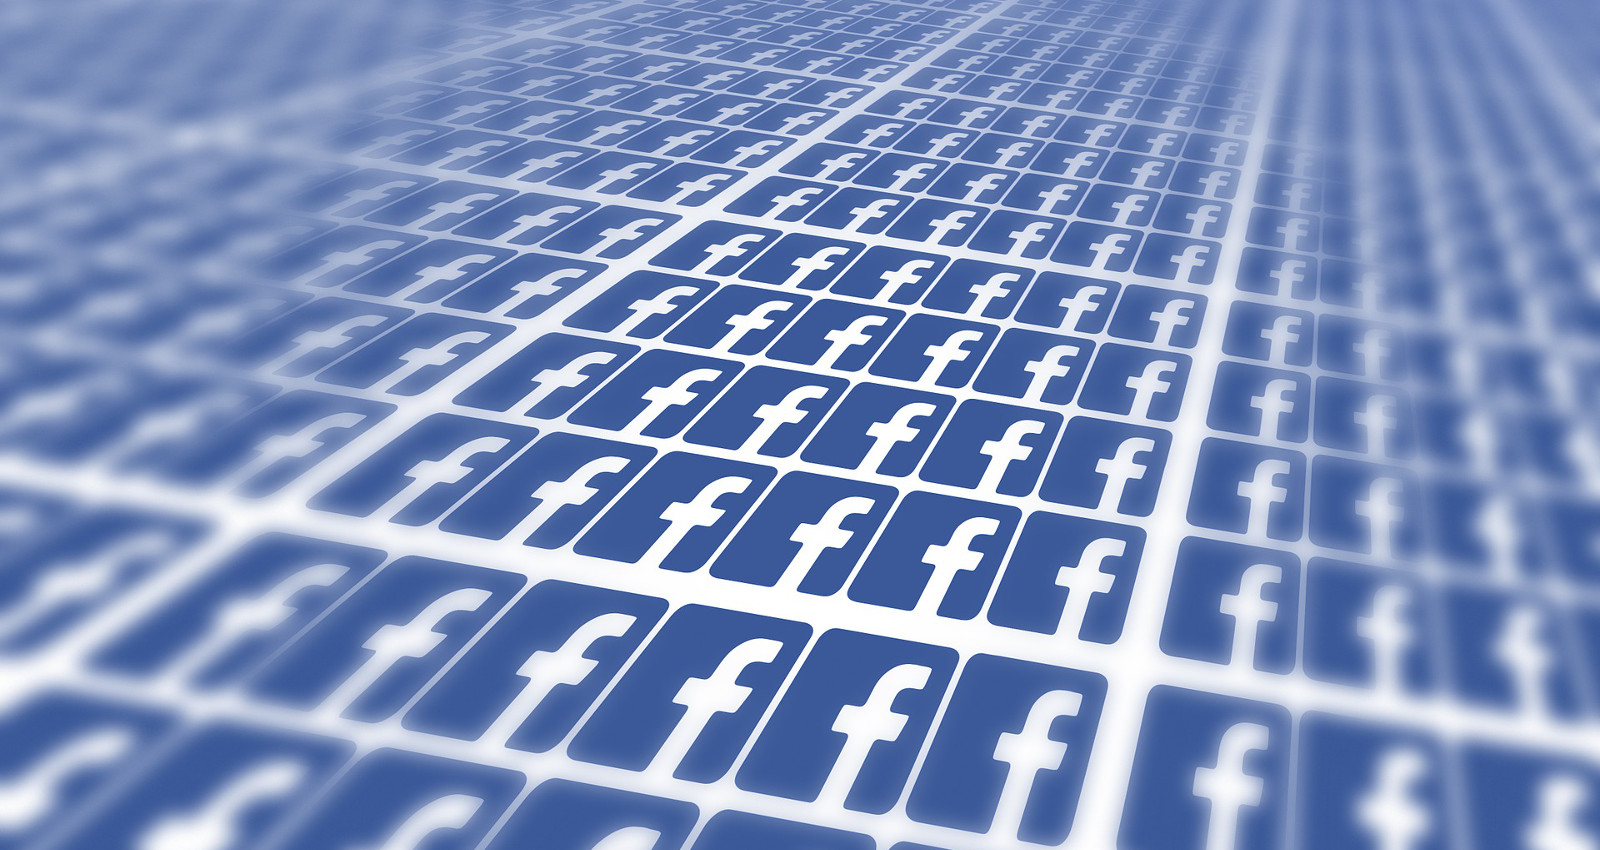 Facebook Benachrichtigungen zu Geburtstage deaktivieren